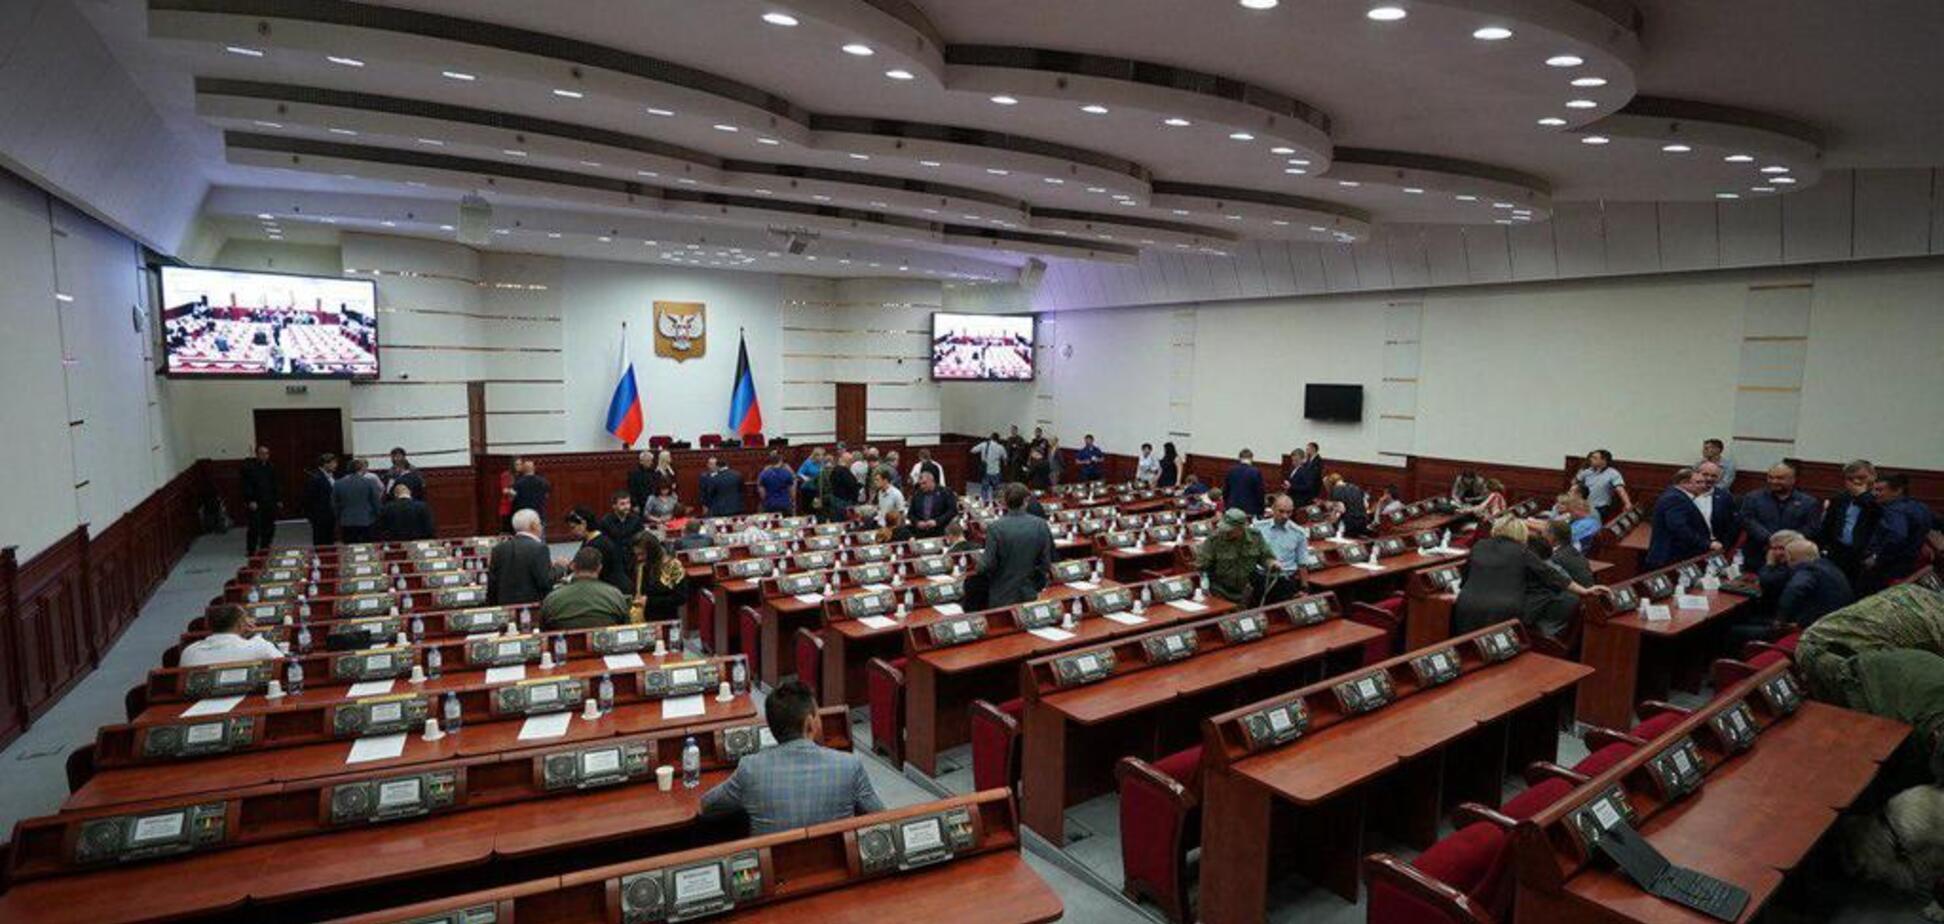 Трапезников признан 'нелегитимным': в 'ДНР' появится новый главарь